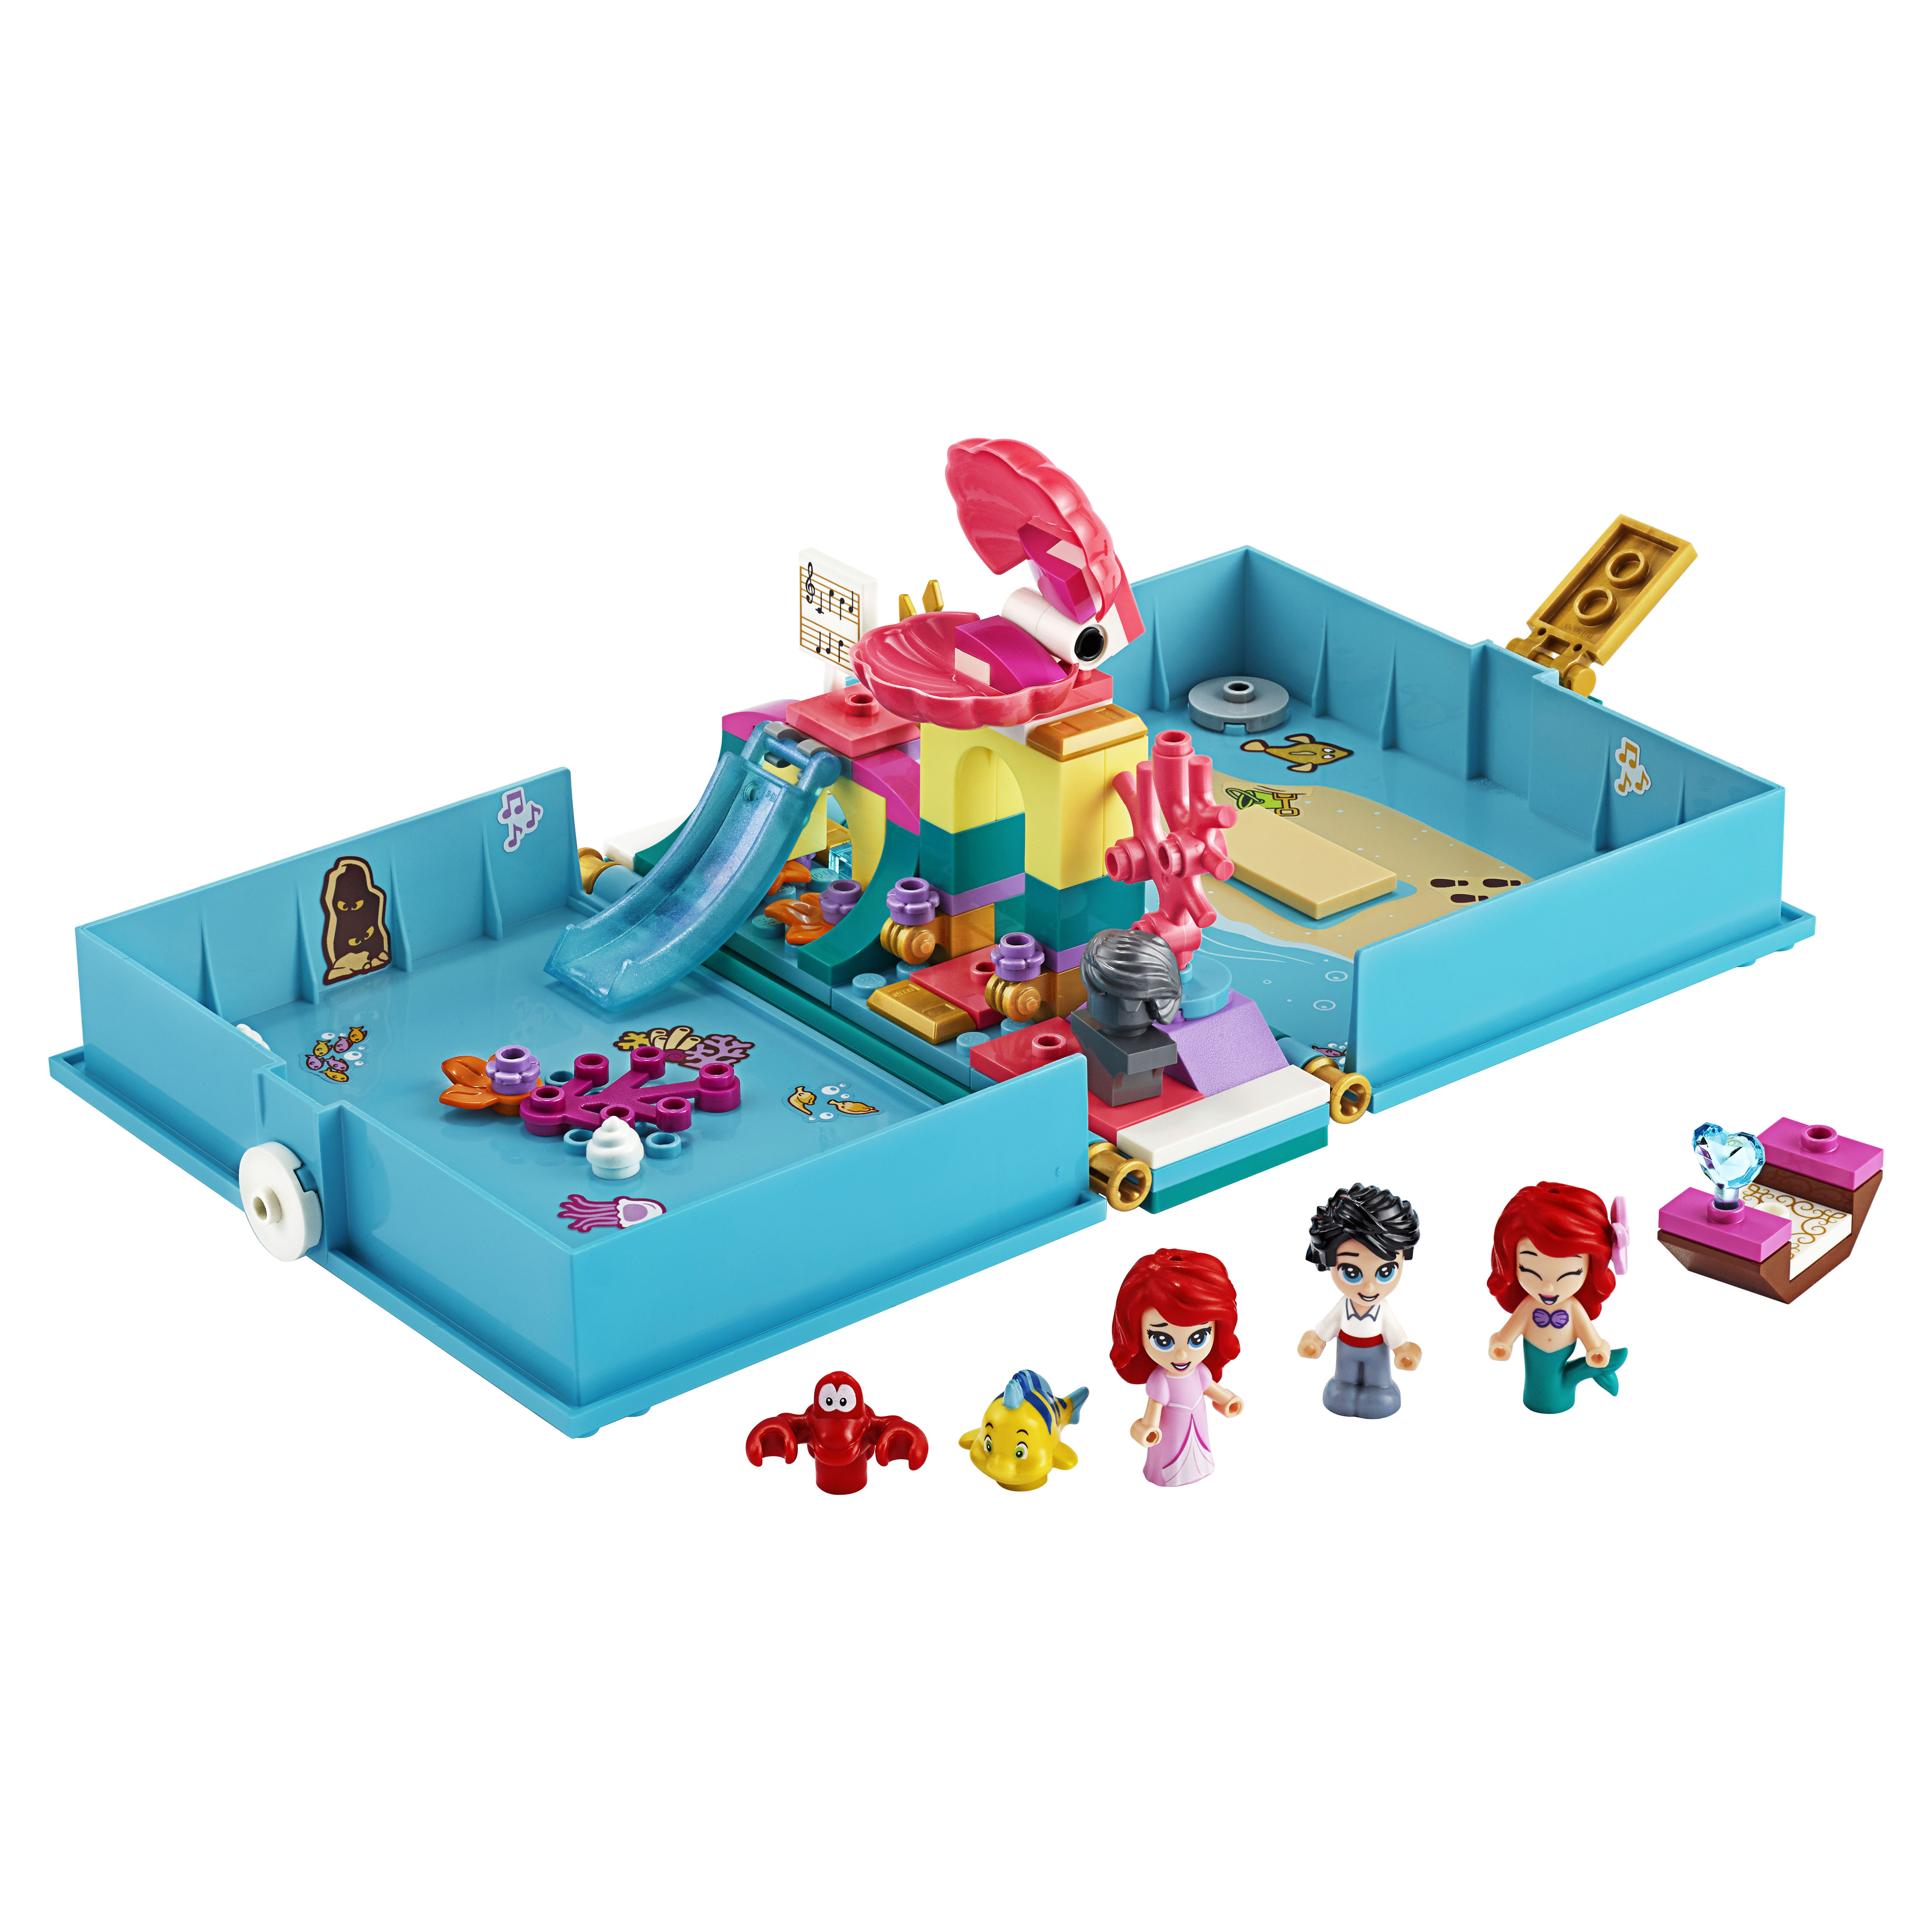 Конструктор LEGO Disney Princess 43176 Книга сказочных приключений Ариэль фото